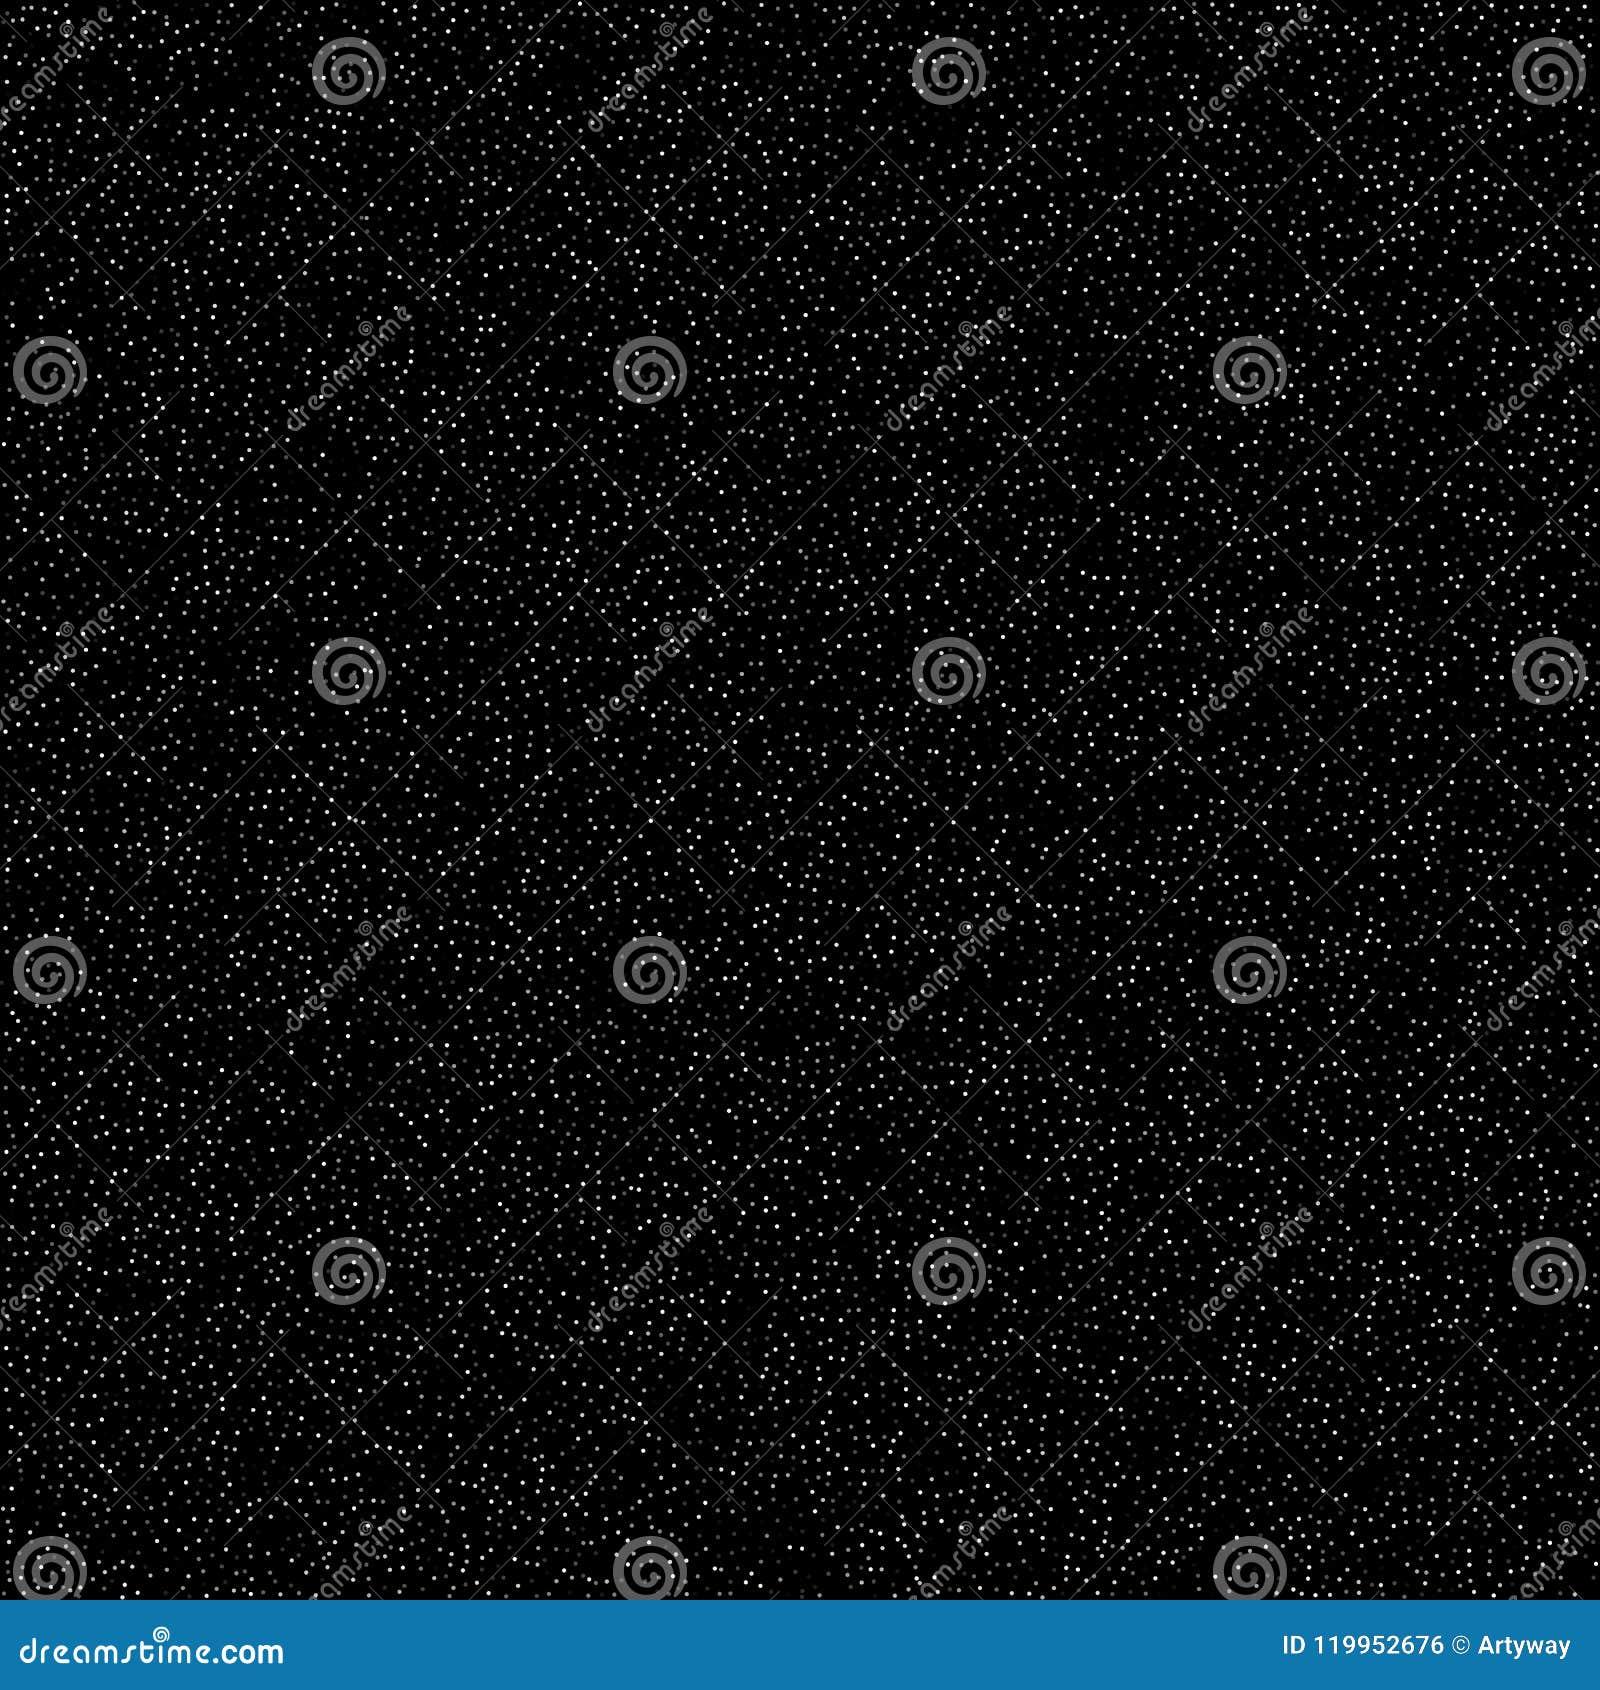 Teste padrão do ruído, efeito digital Céu com estrelas, projeto liso simples Muitos pontos do branco no fundo preto, vetor